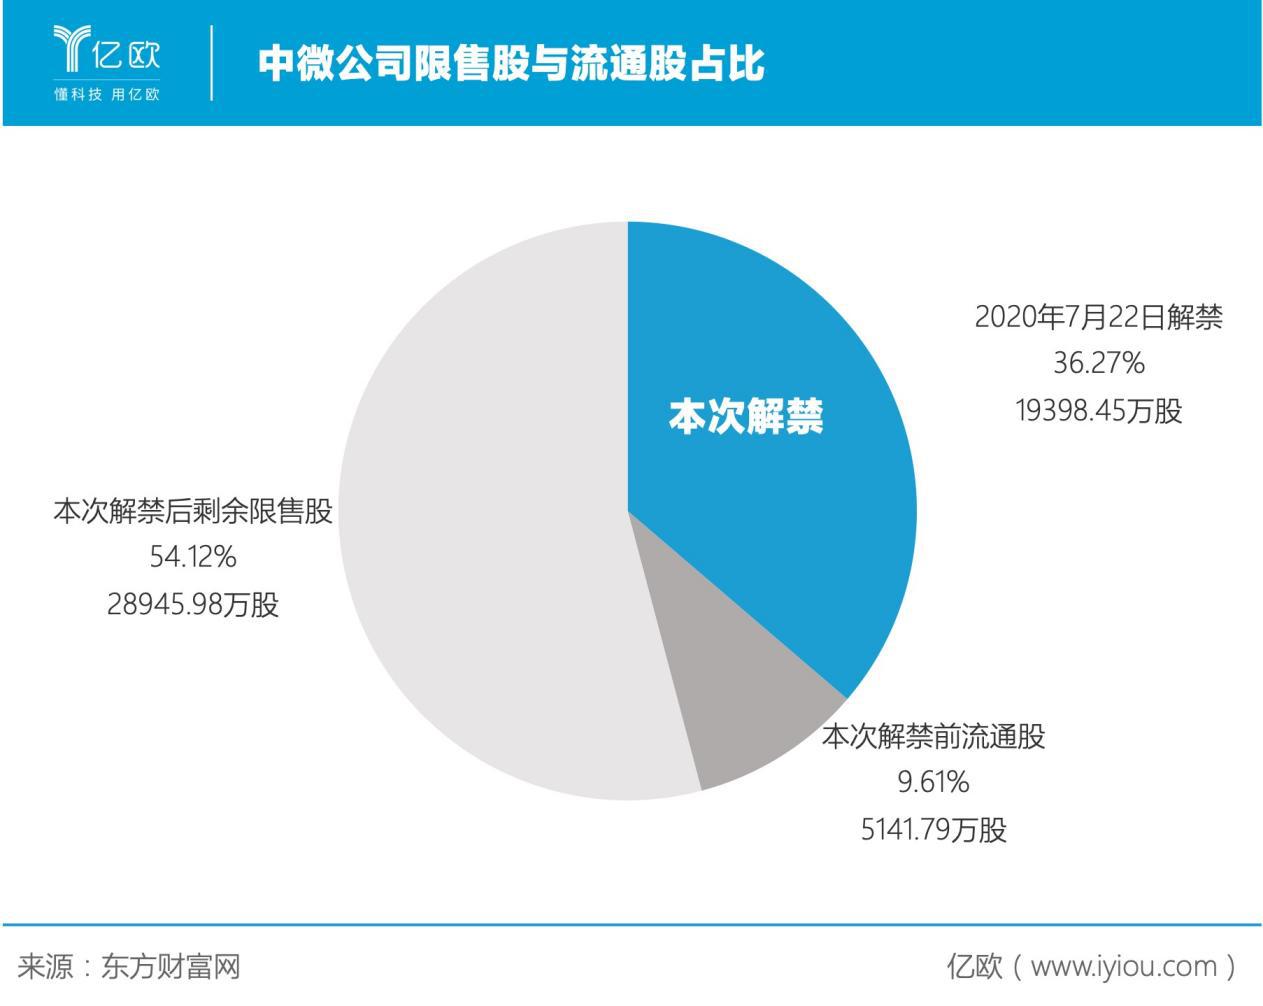 中微公司限售股与流通股占比